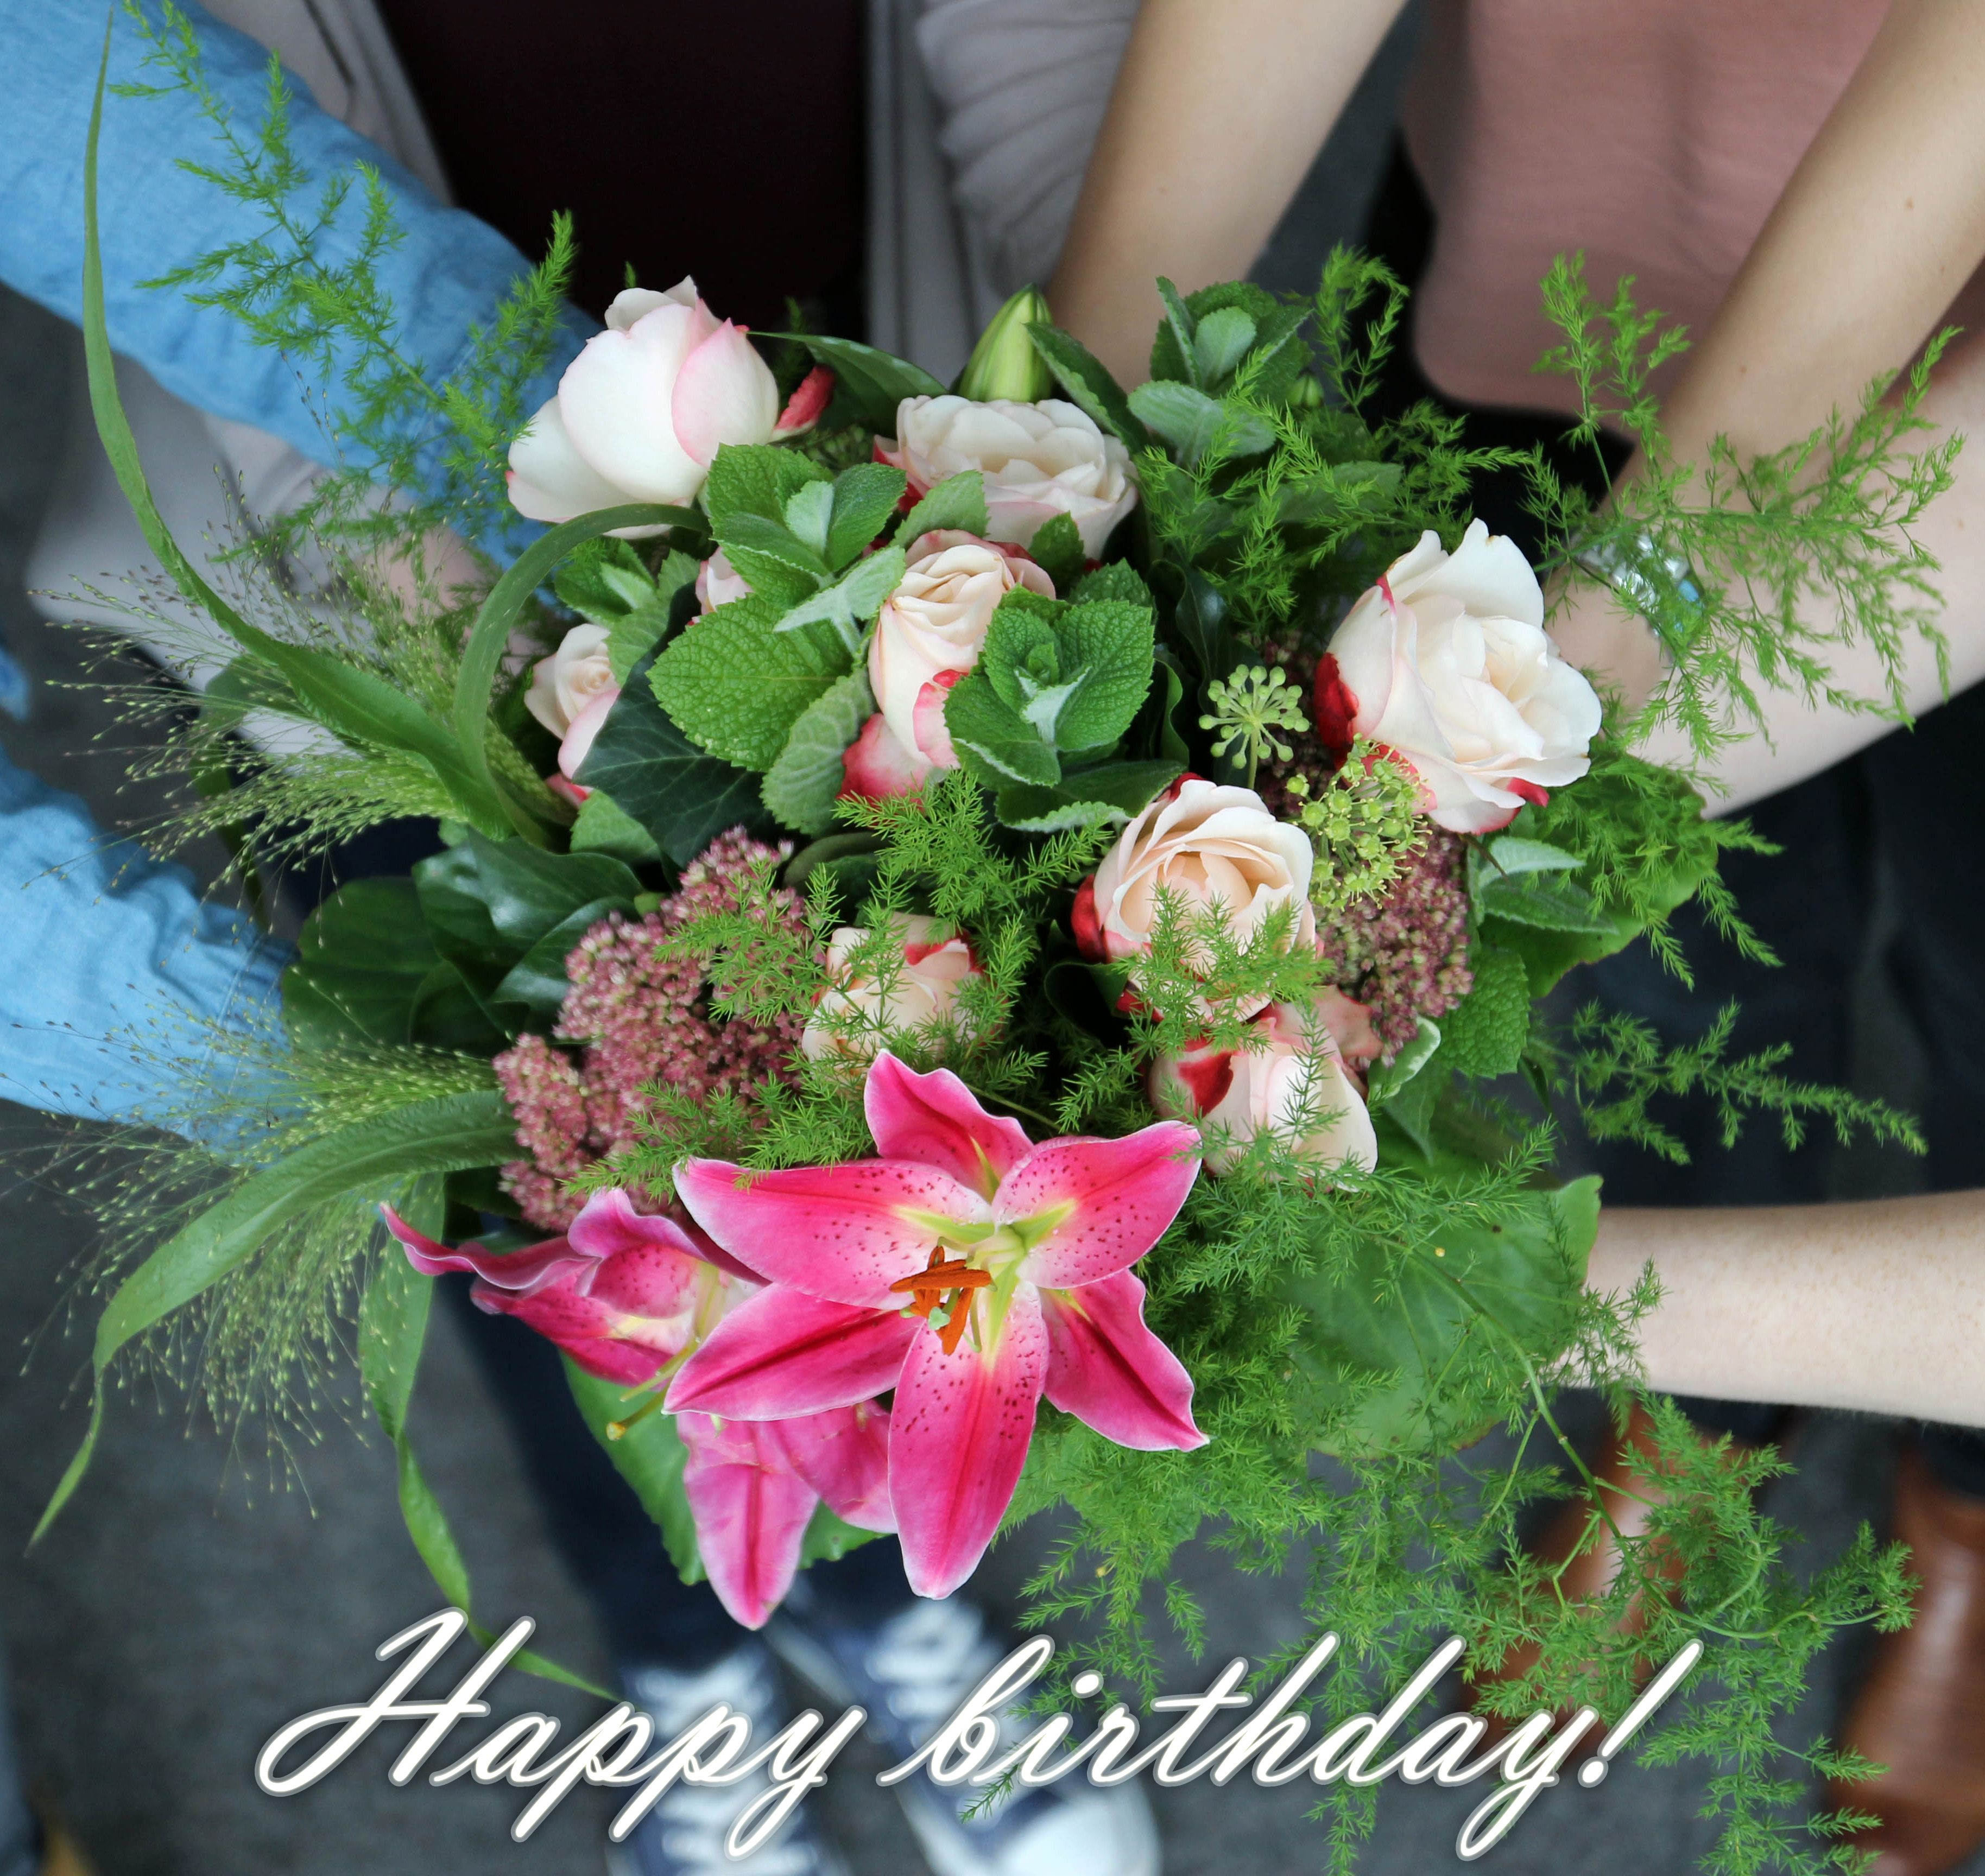 Ein Blumiger Geburtstagsgruss Der Ein Lacheln Ins Gesicht Zaubert